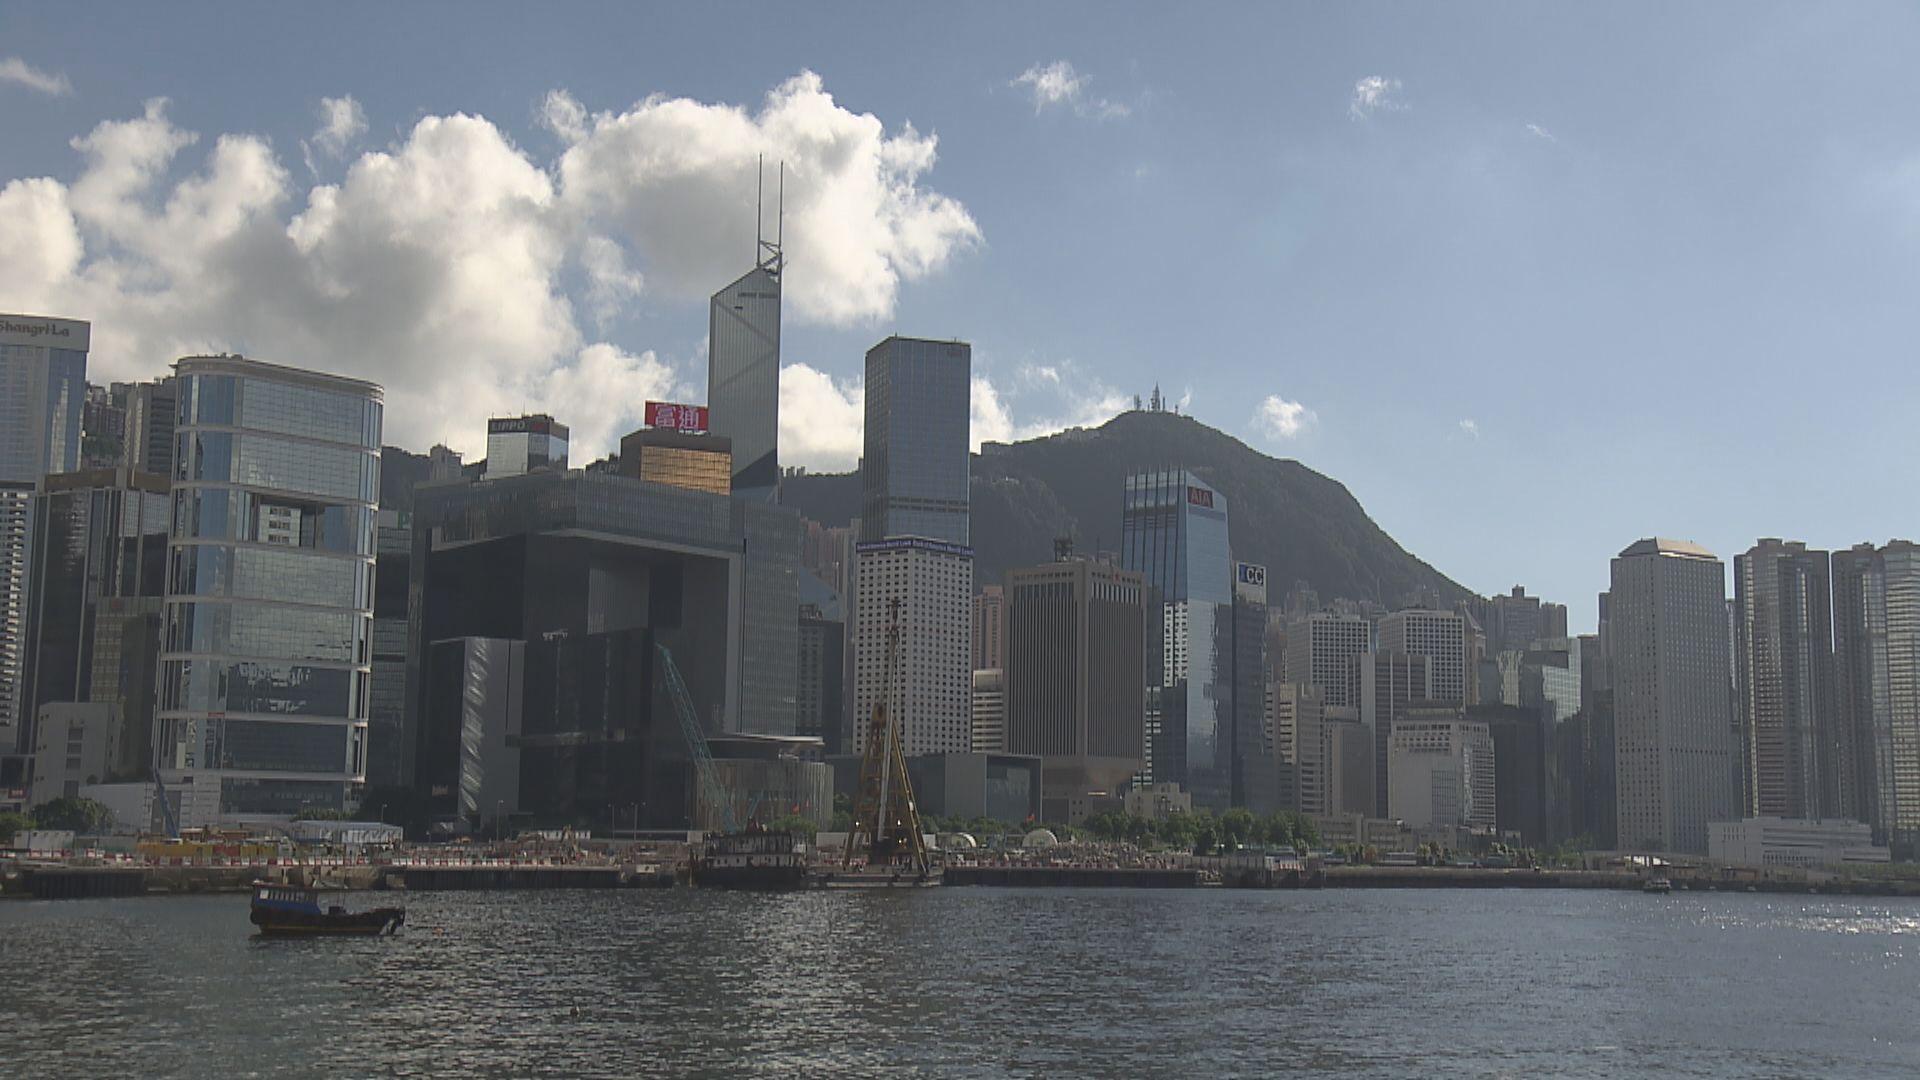 特區政府指美國通過《香港自治法》不可接受